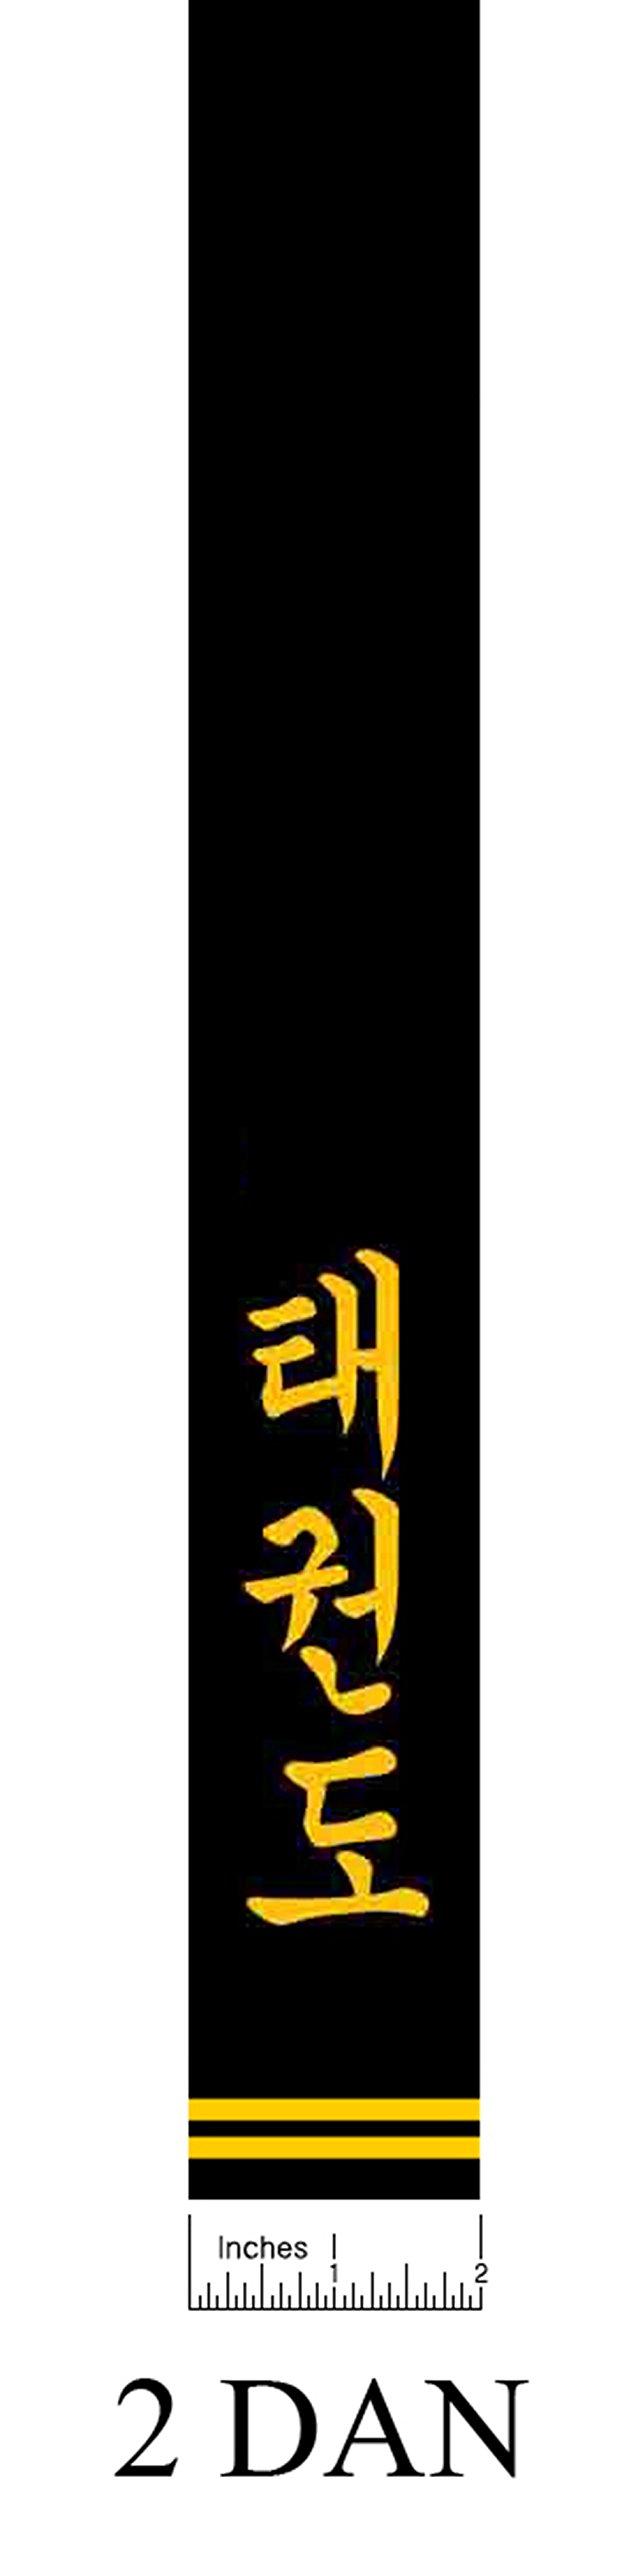 Korean Word Printed Taekwondo Black Dan Belt 1 to 4 Dan to Choose From 8 Size (2 Dan, 7 (128'')) by VOWSVOWS